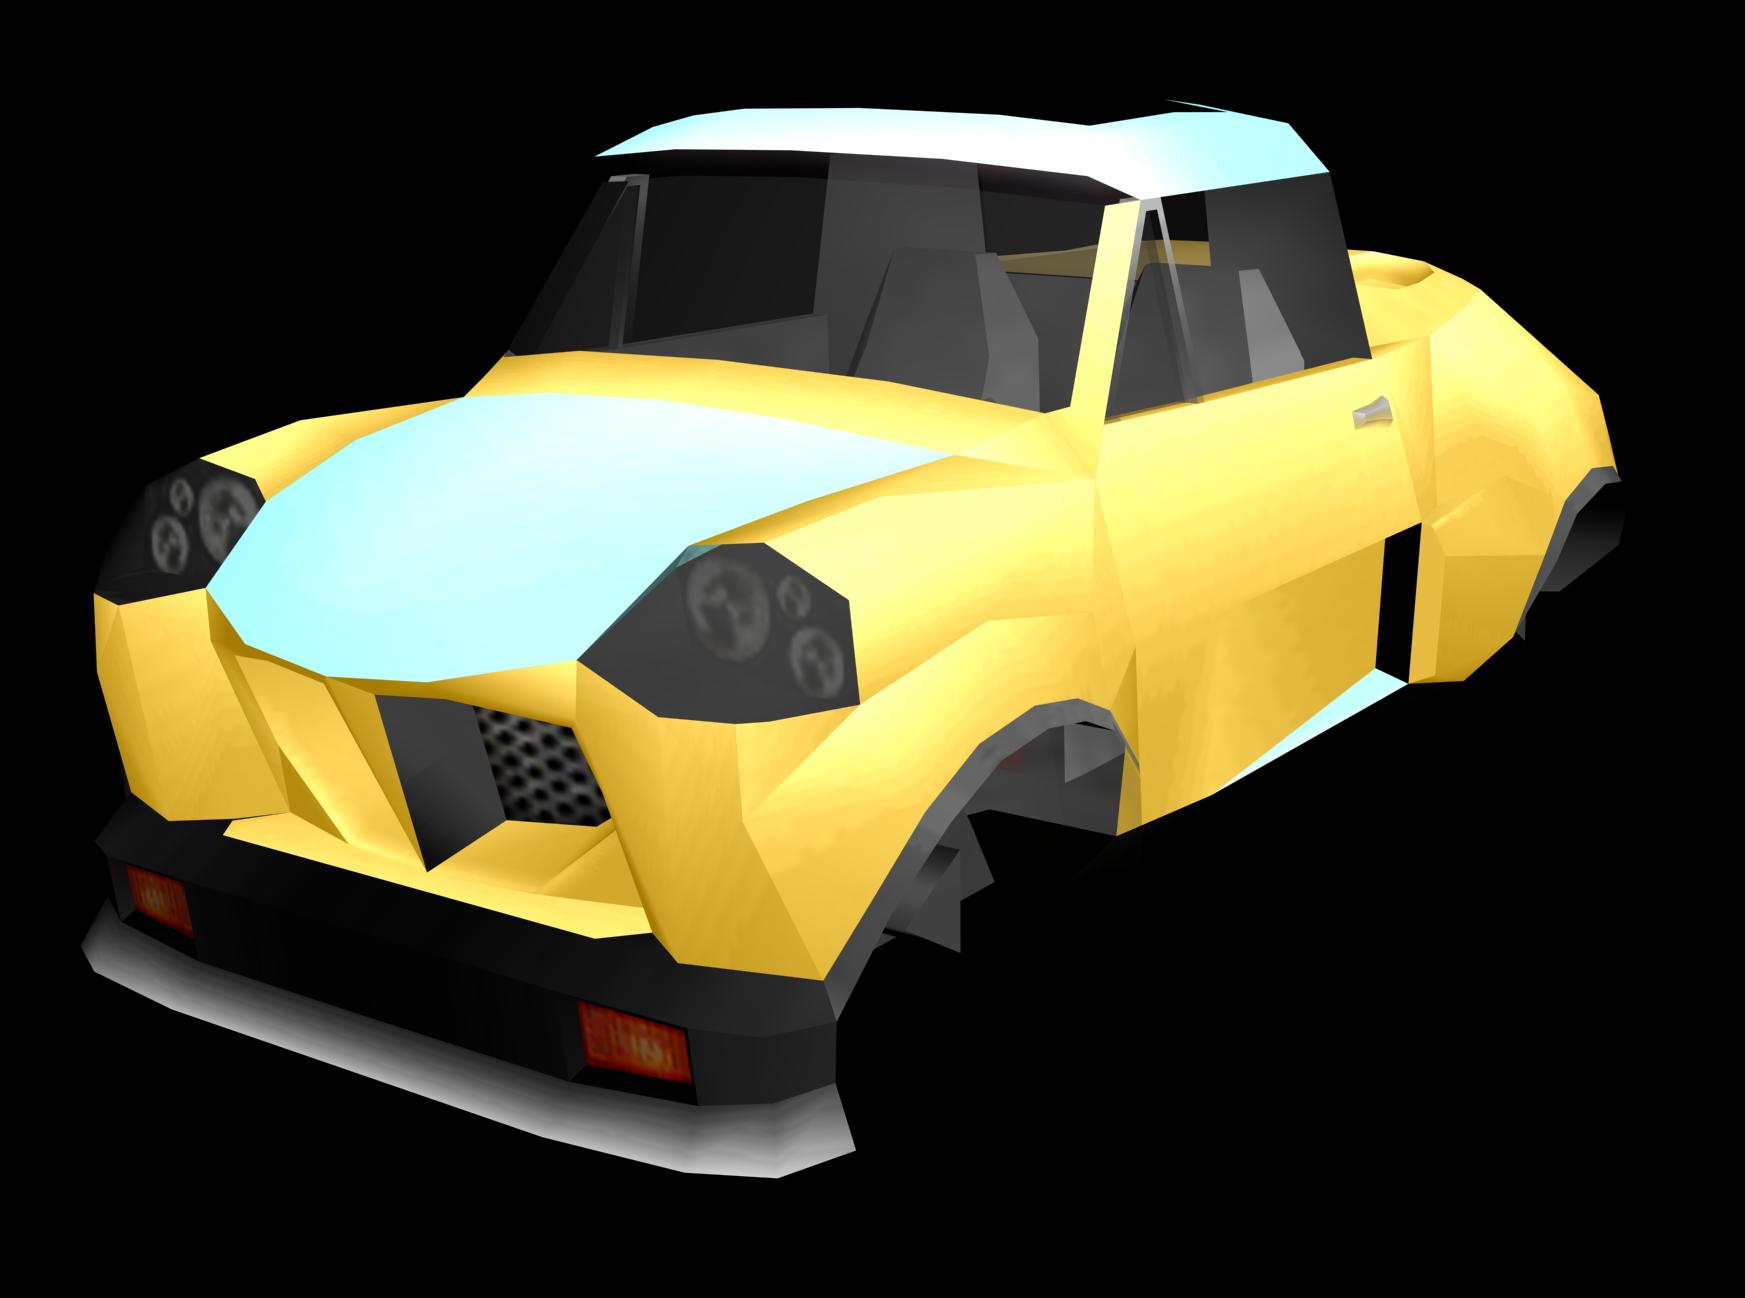 Tommy (vehículo)